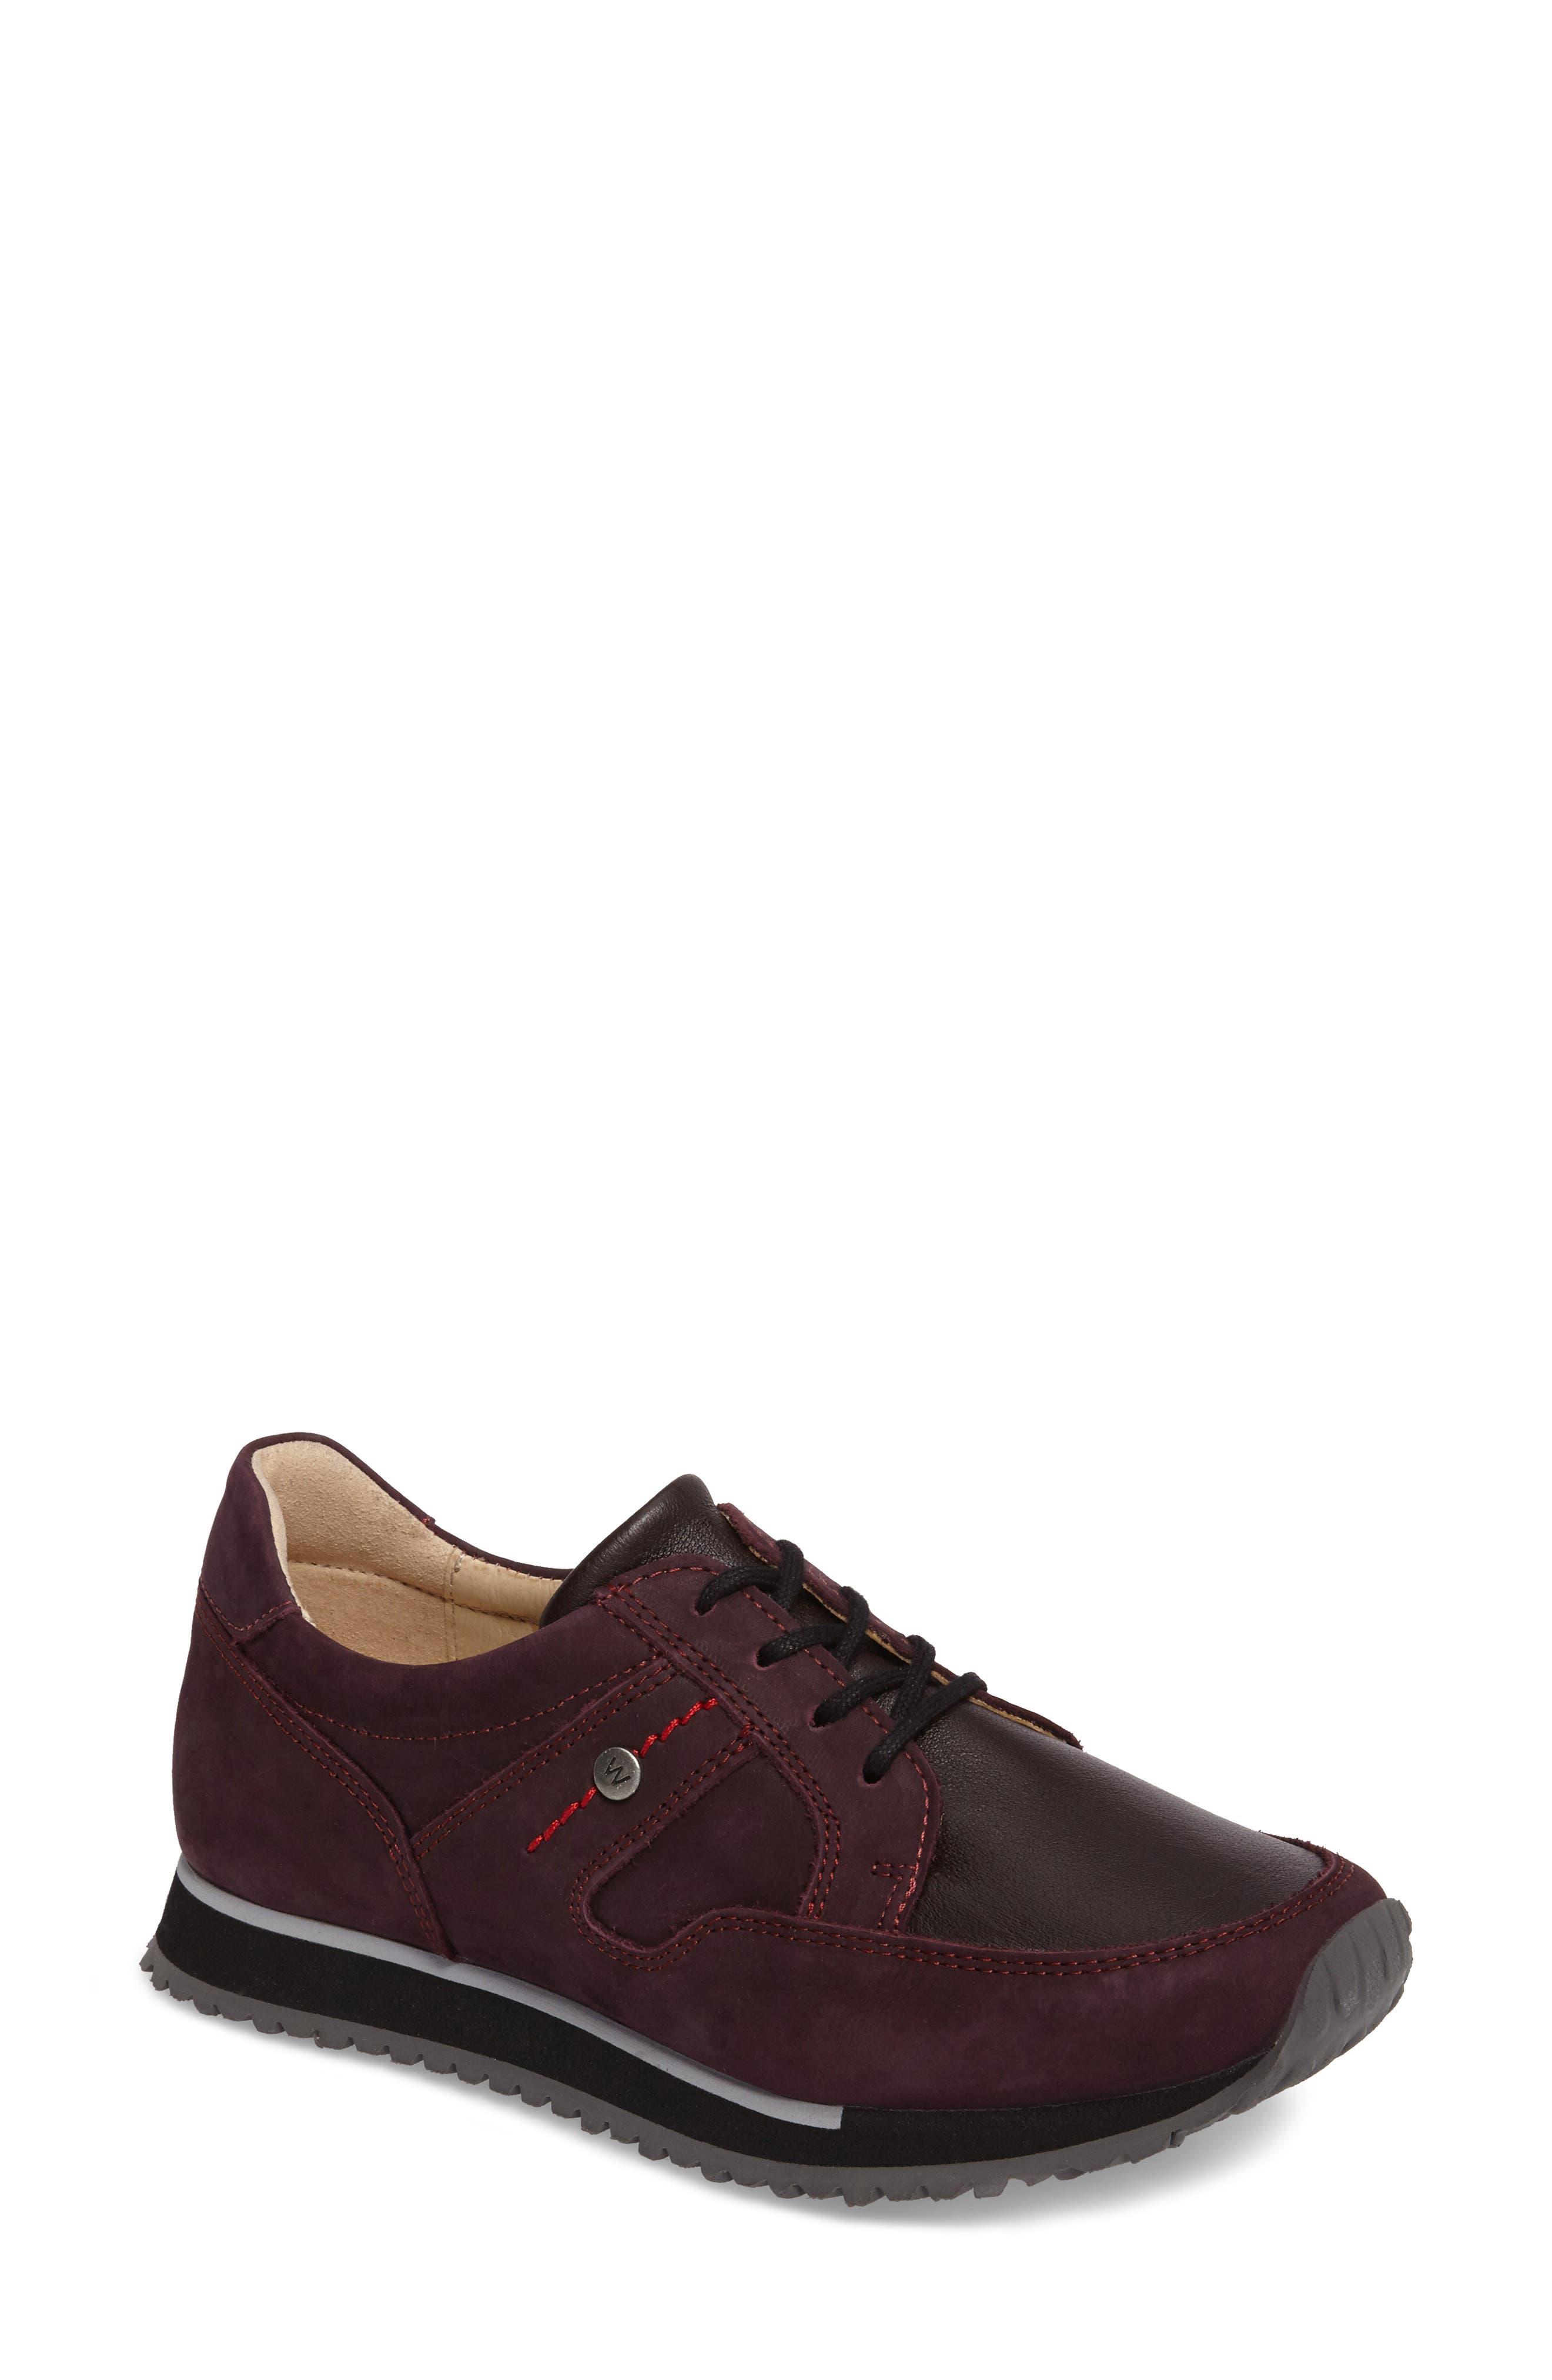 E-Walk Sneaker,                         Main,                         color, BORDO LEATHER